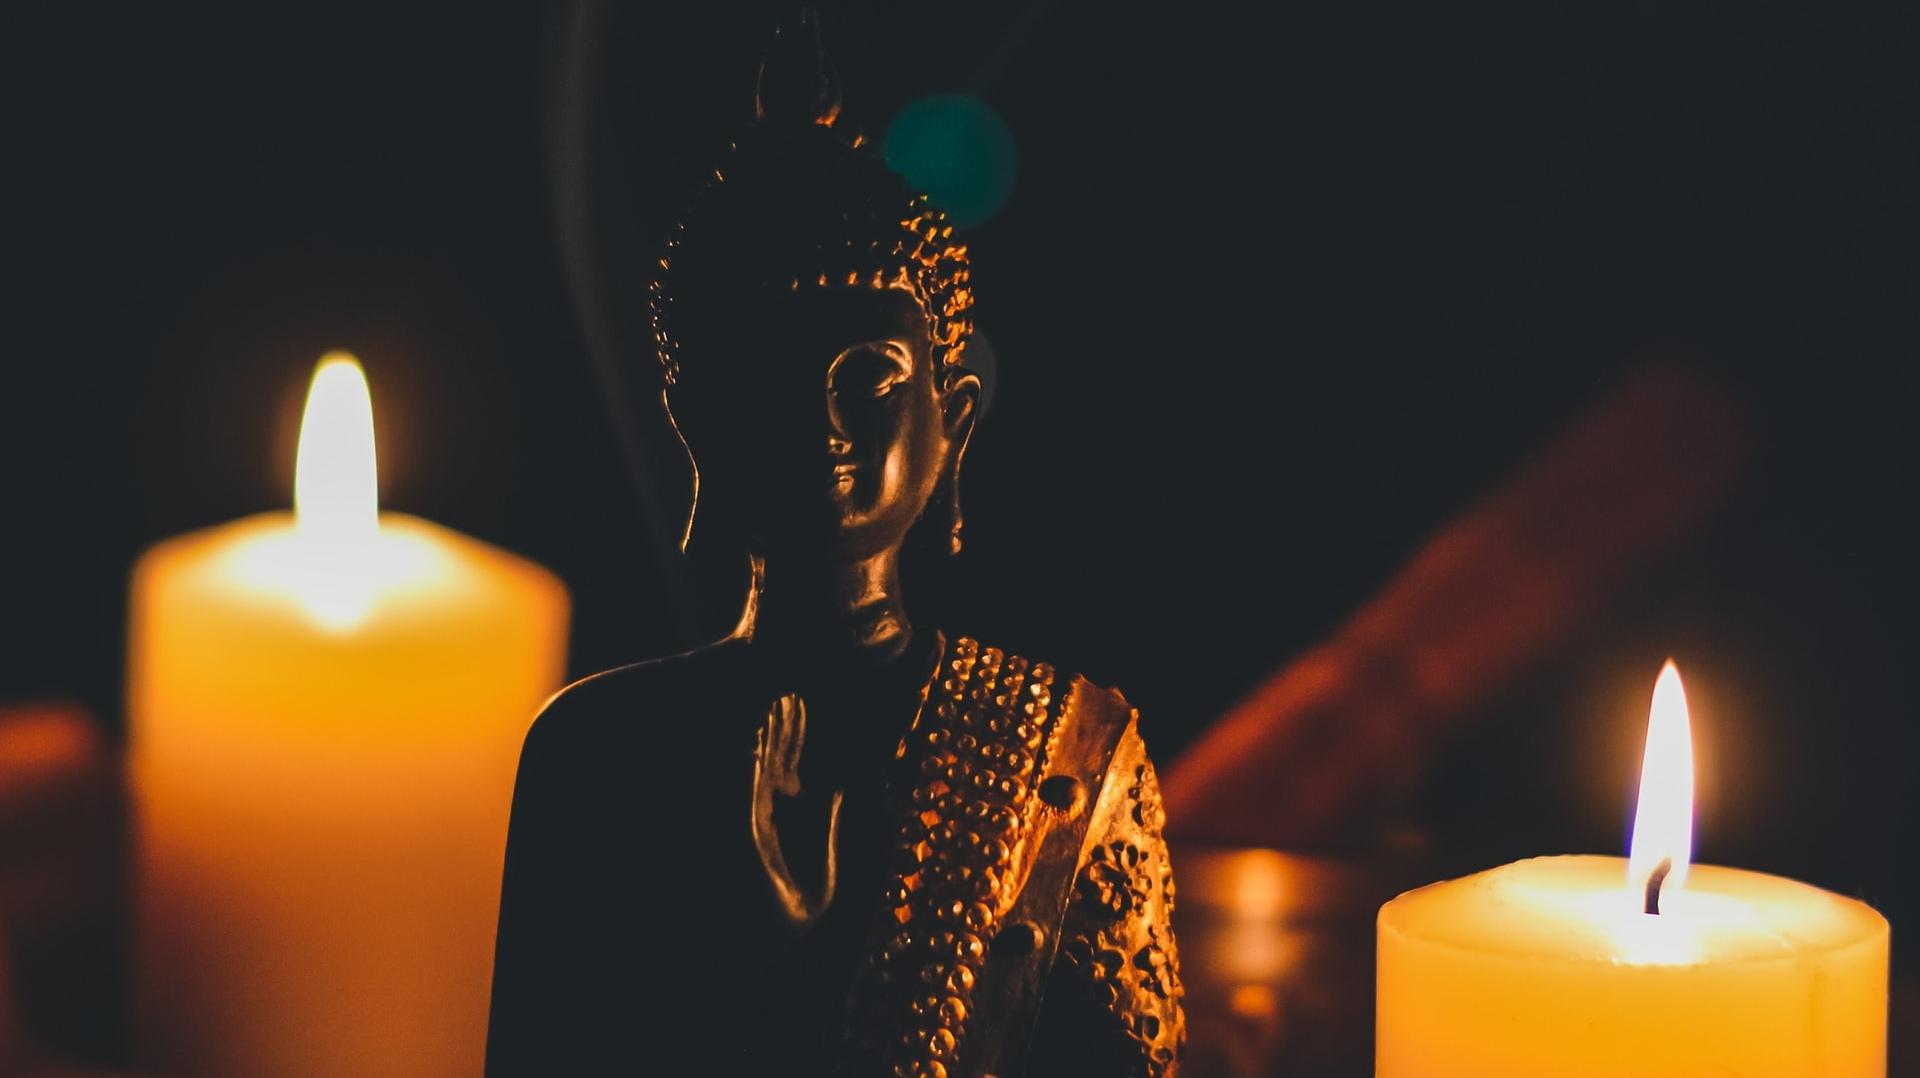 7-Schritte-Meditation: Innere Unruhe und Stress abbauen